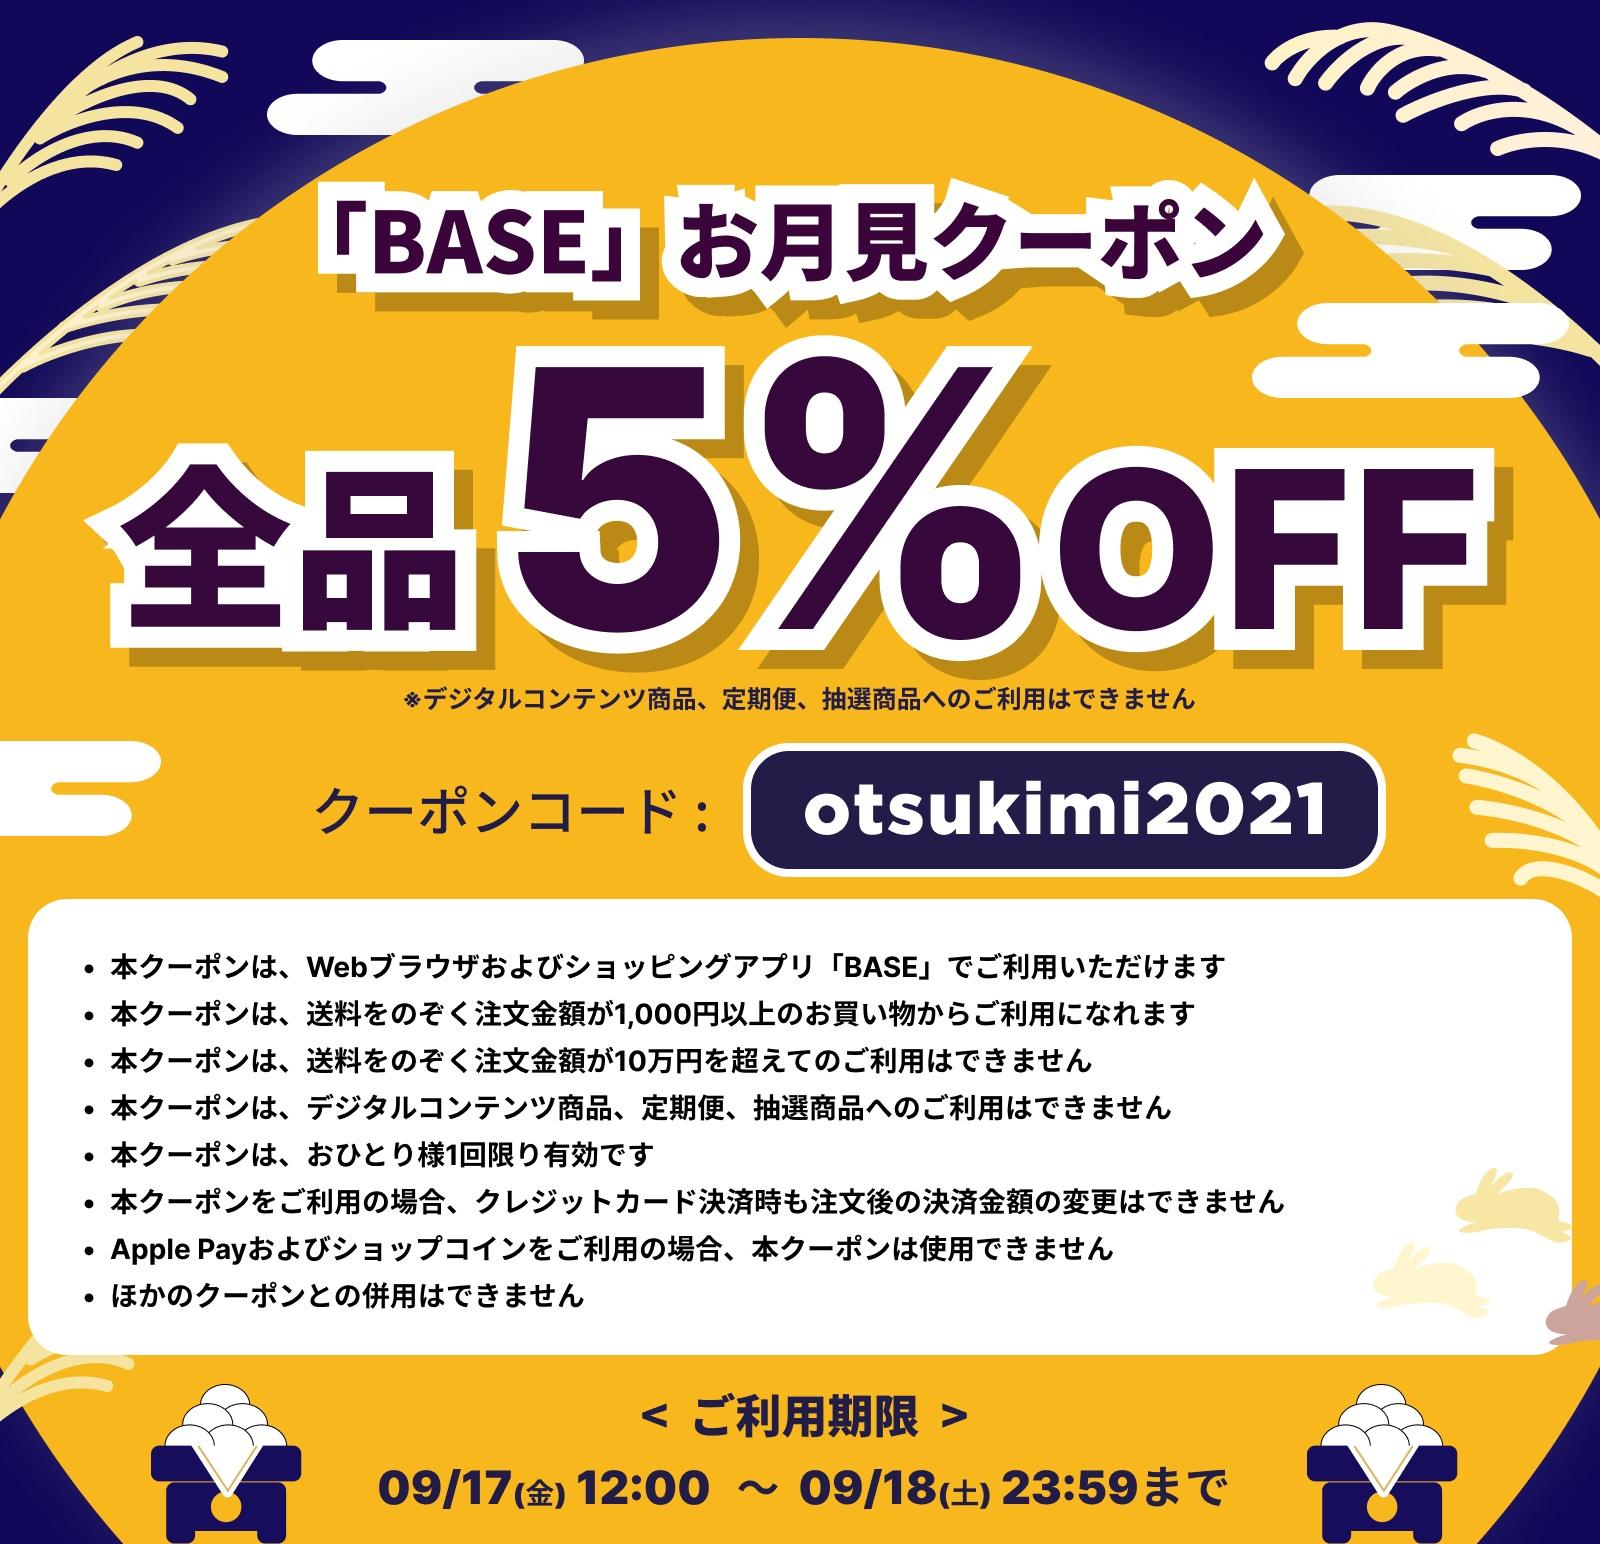 本日9/17(金)と明日9/18(土)お使いいただける5%OFFクーポン